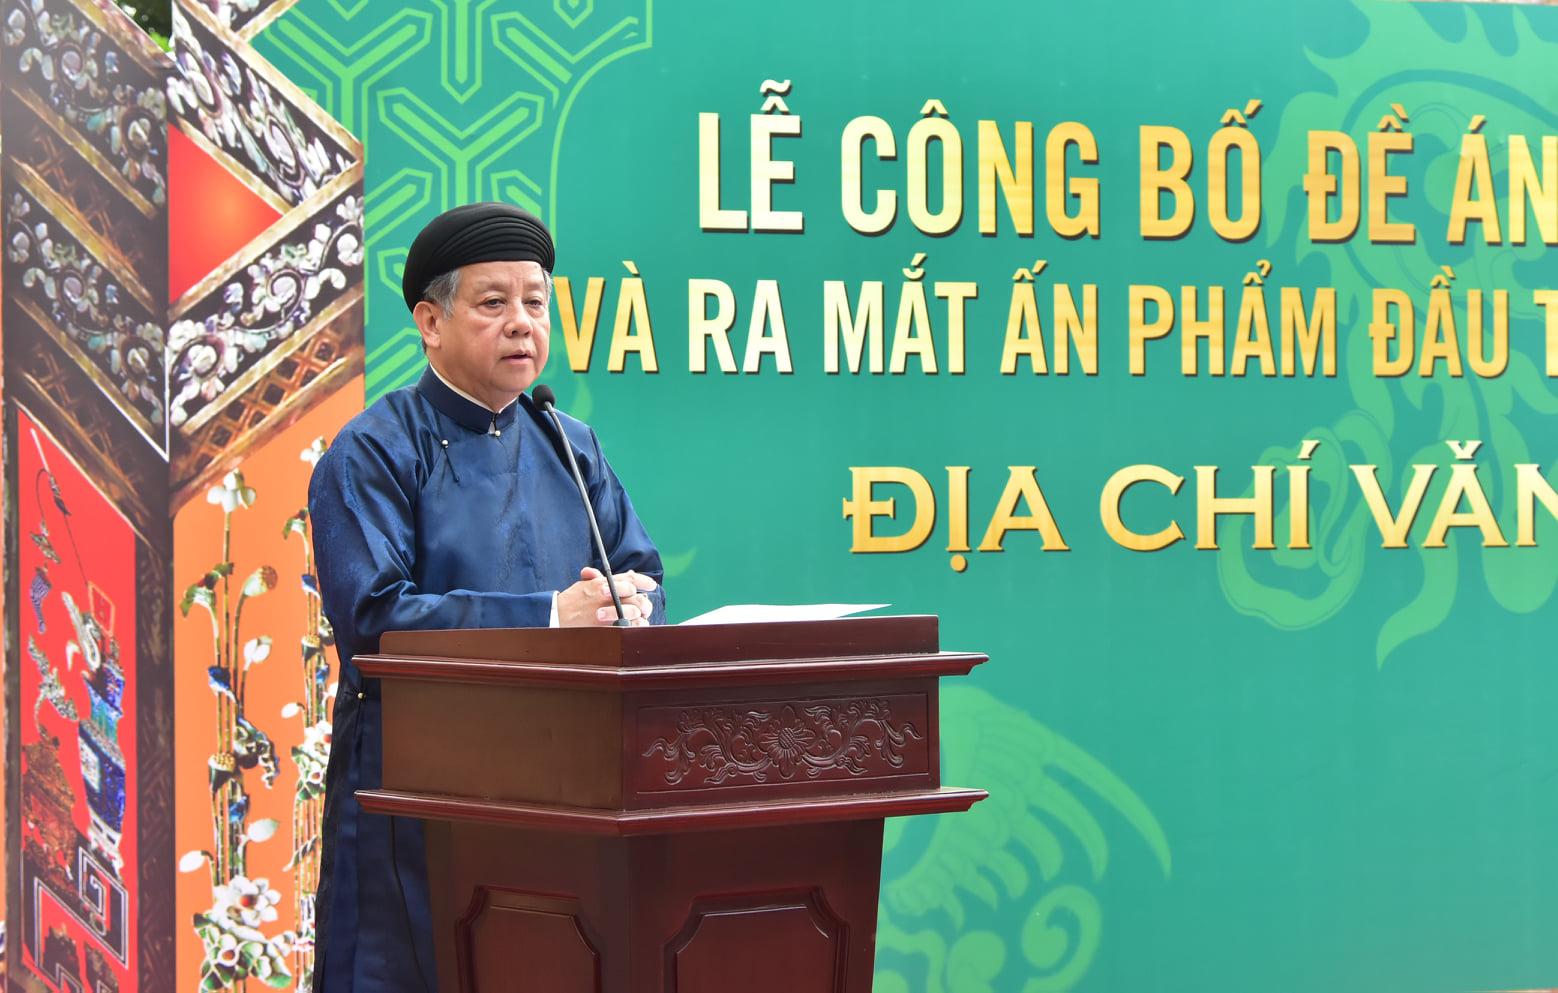 Chủ tịch UBND tỉnh Thừa Thiên Huế Phan Ngọc Thọ phát biểu tại buổi lễ.